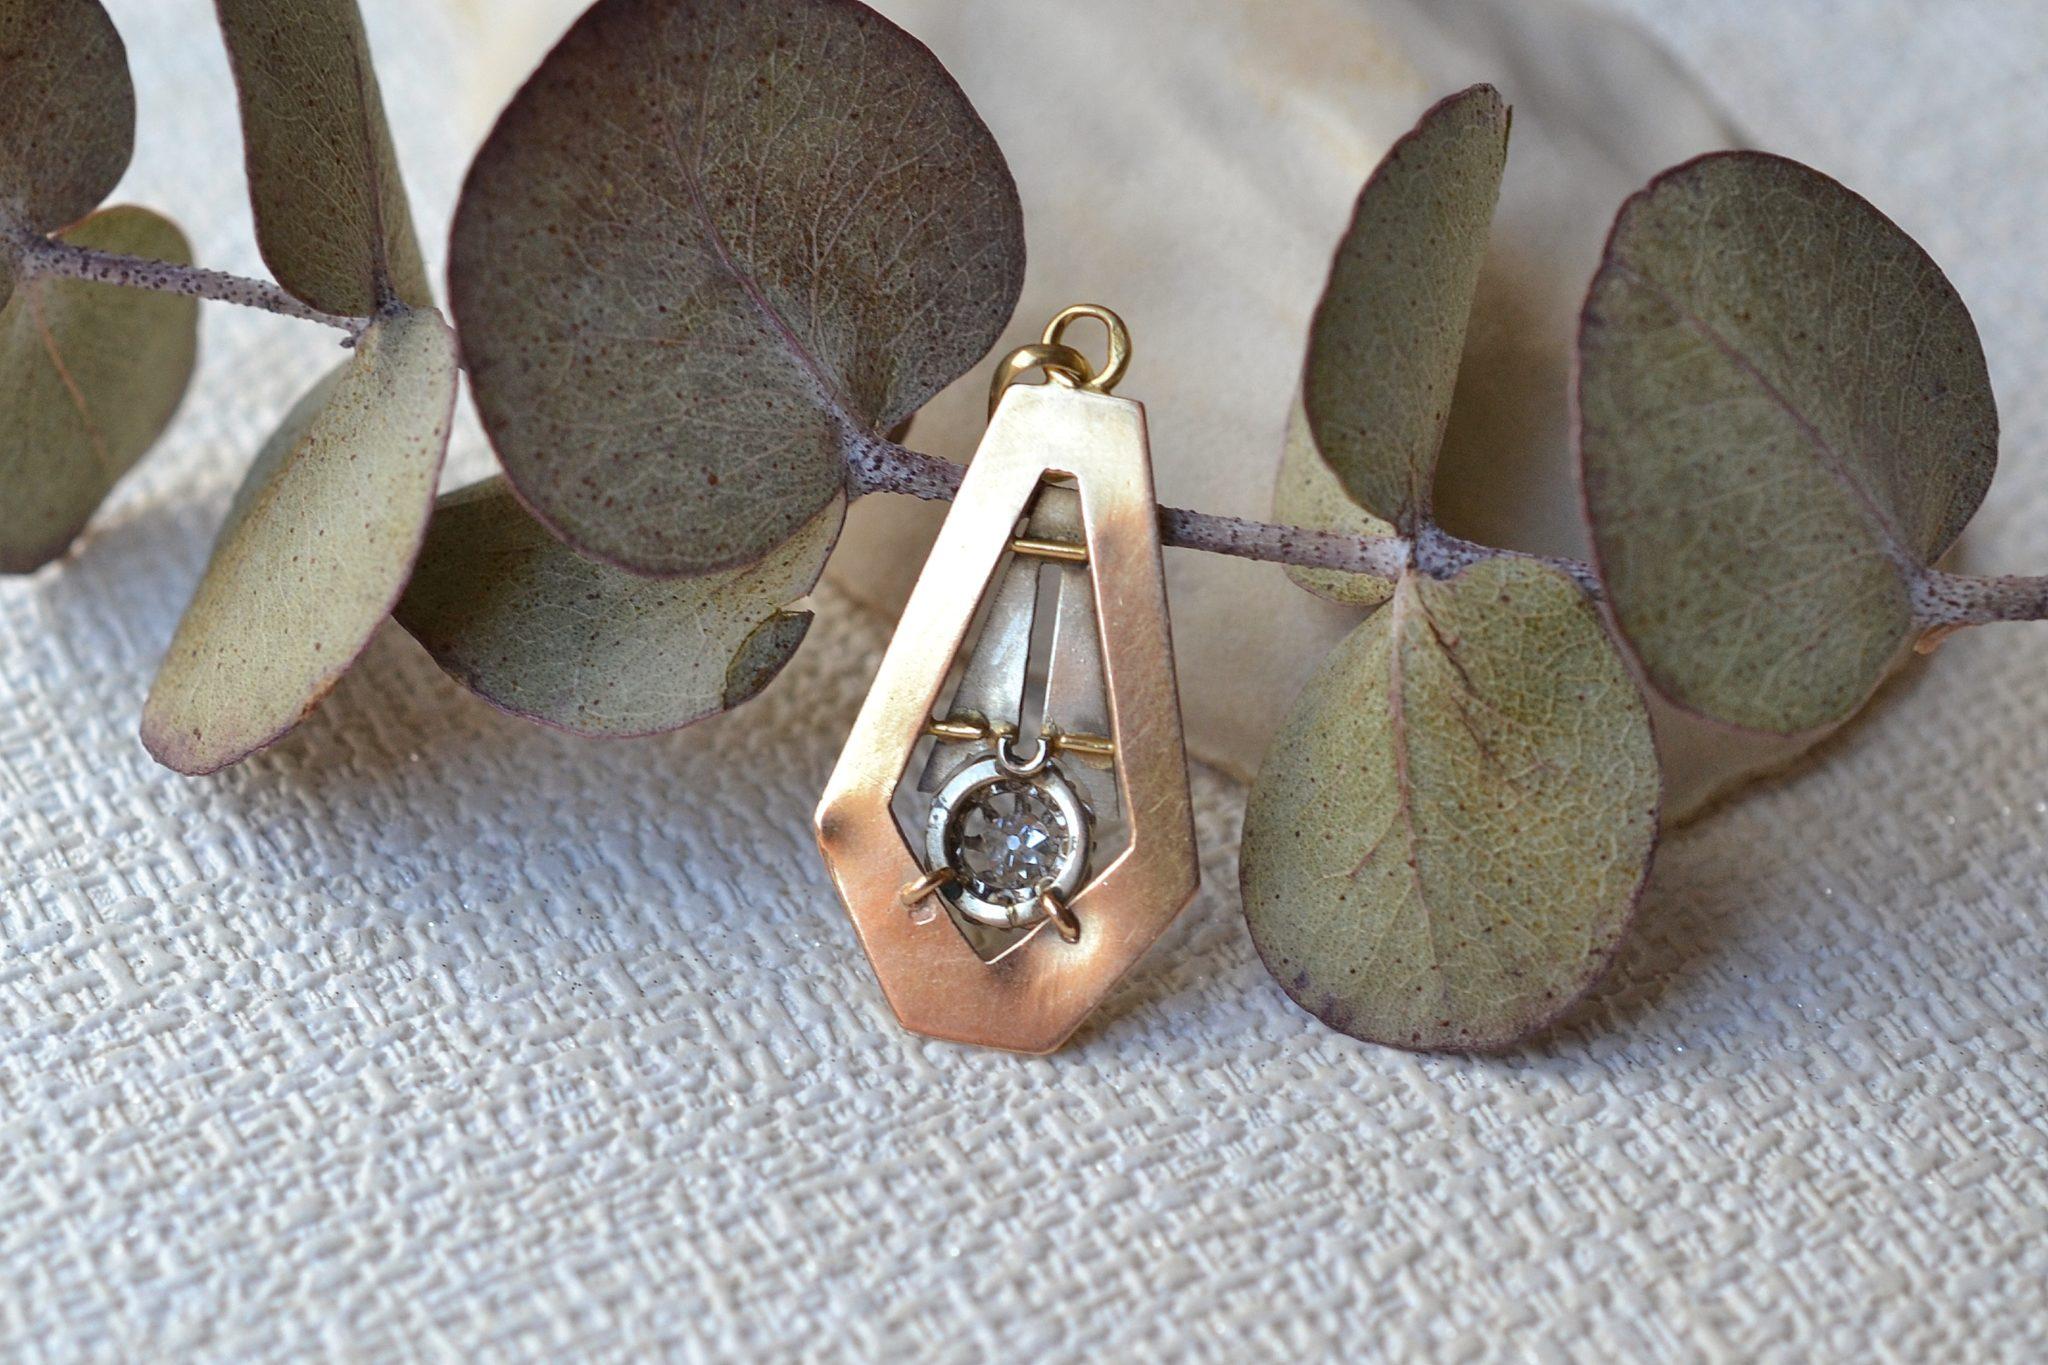 Pendentif en Or deux tons orné d_un petit diamant taille ancienne - bijou d_occasion